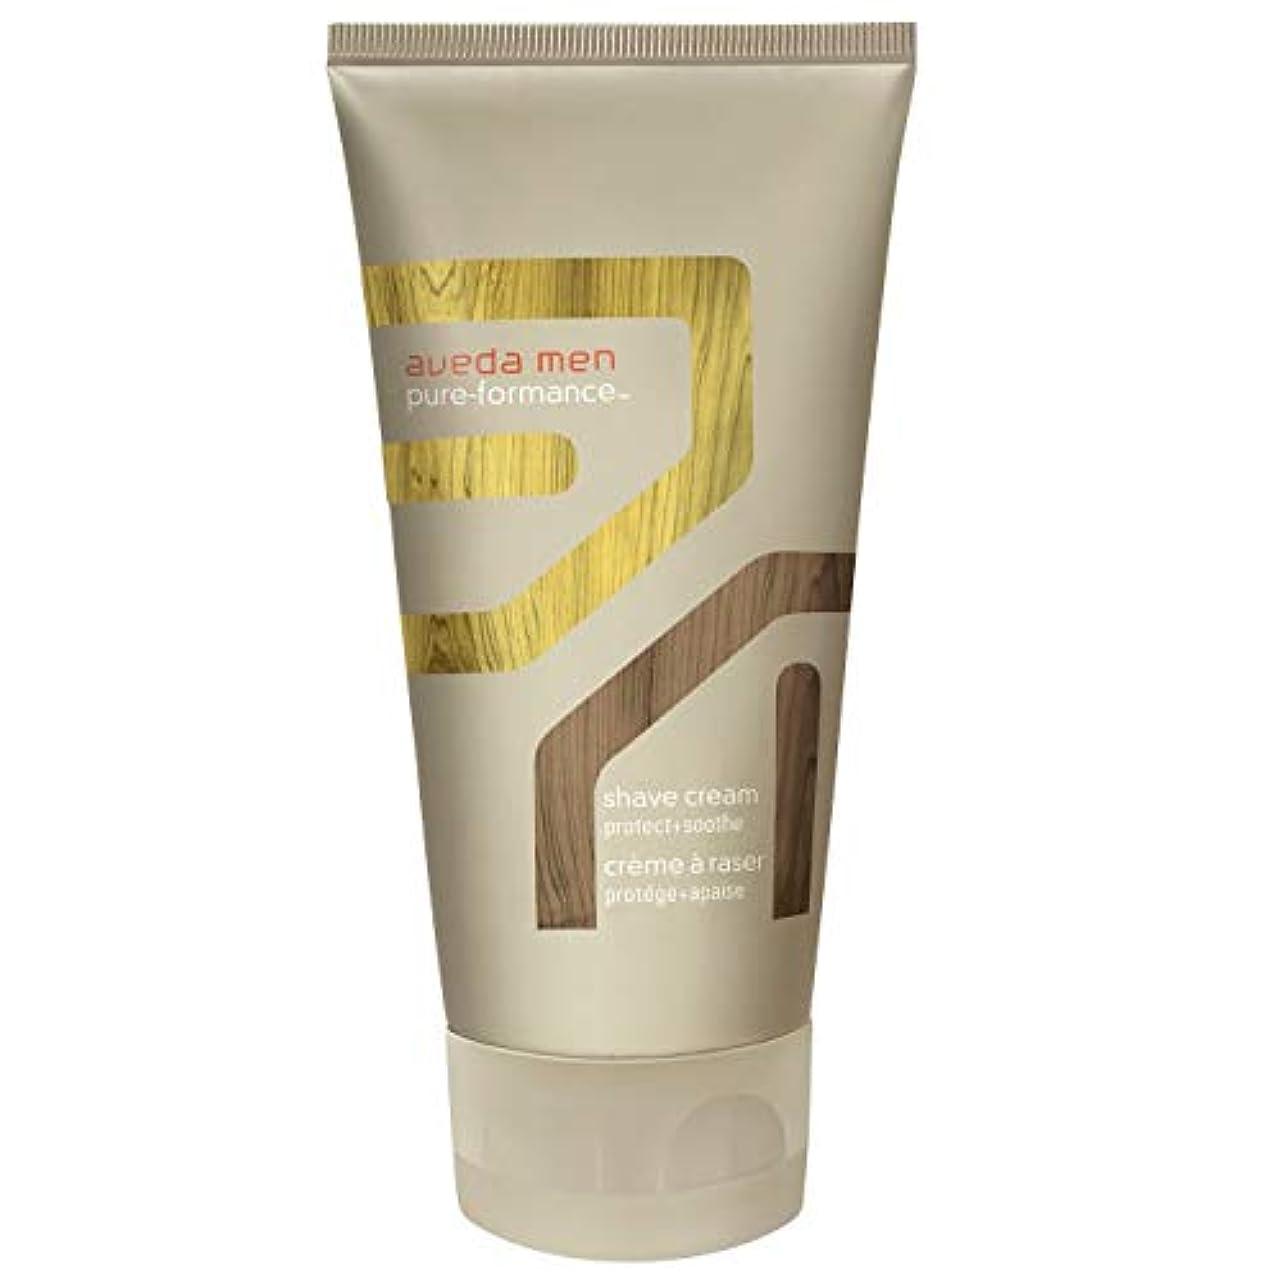 ホールアイスクリーム修正する[AVEDA] アヴェダ男性の純粋な-Formanceシェーブクリーム150ミリリットル - Aveda Men Pure-Formance Shave Cream 150ml [並行輸入品]